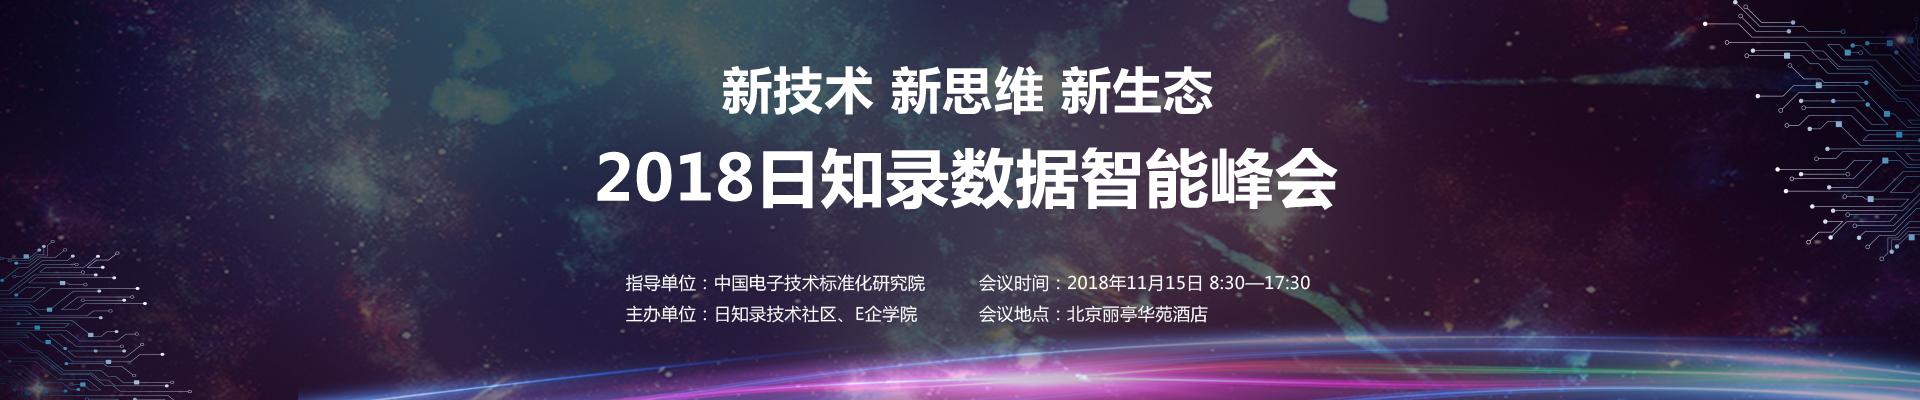 2018日知录数据智能峰会